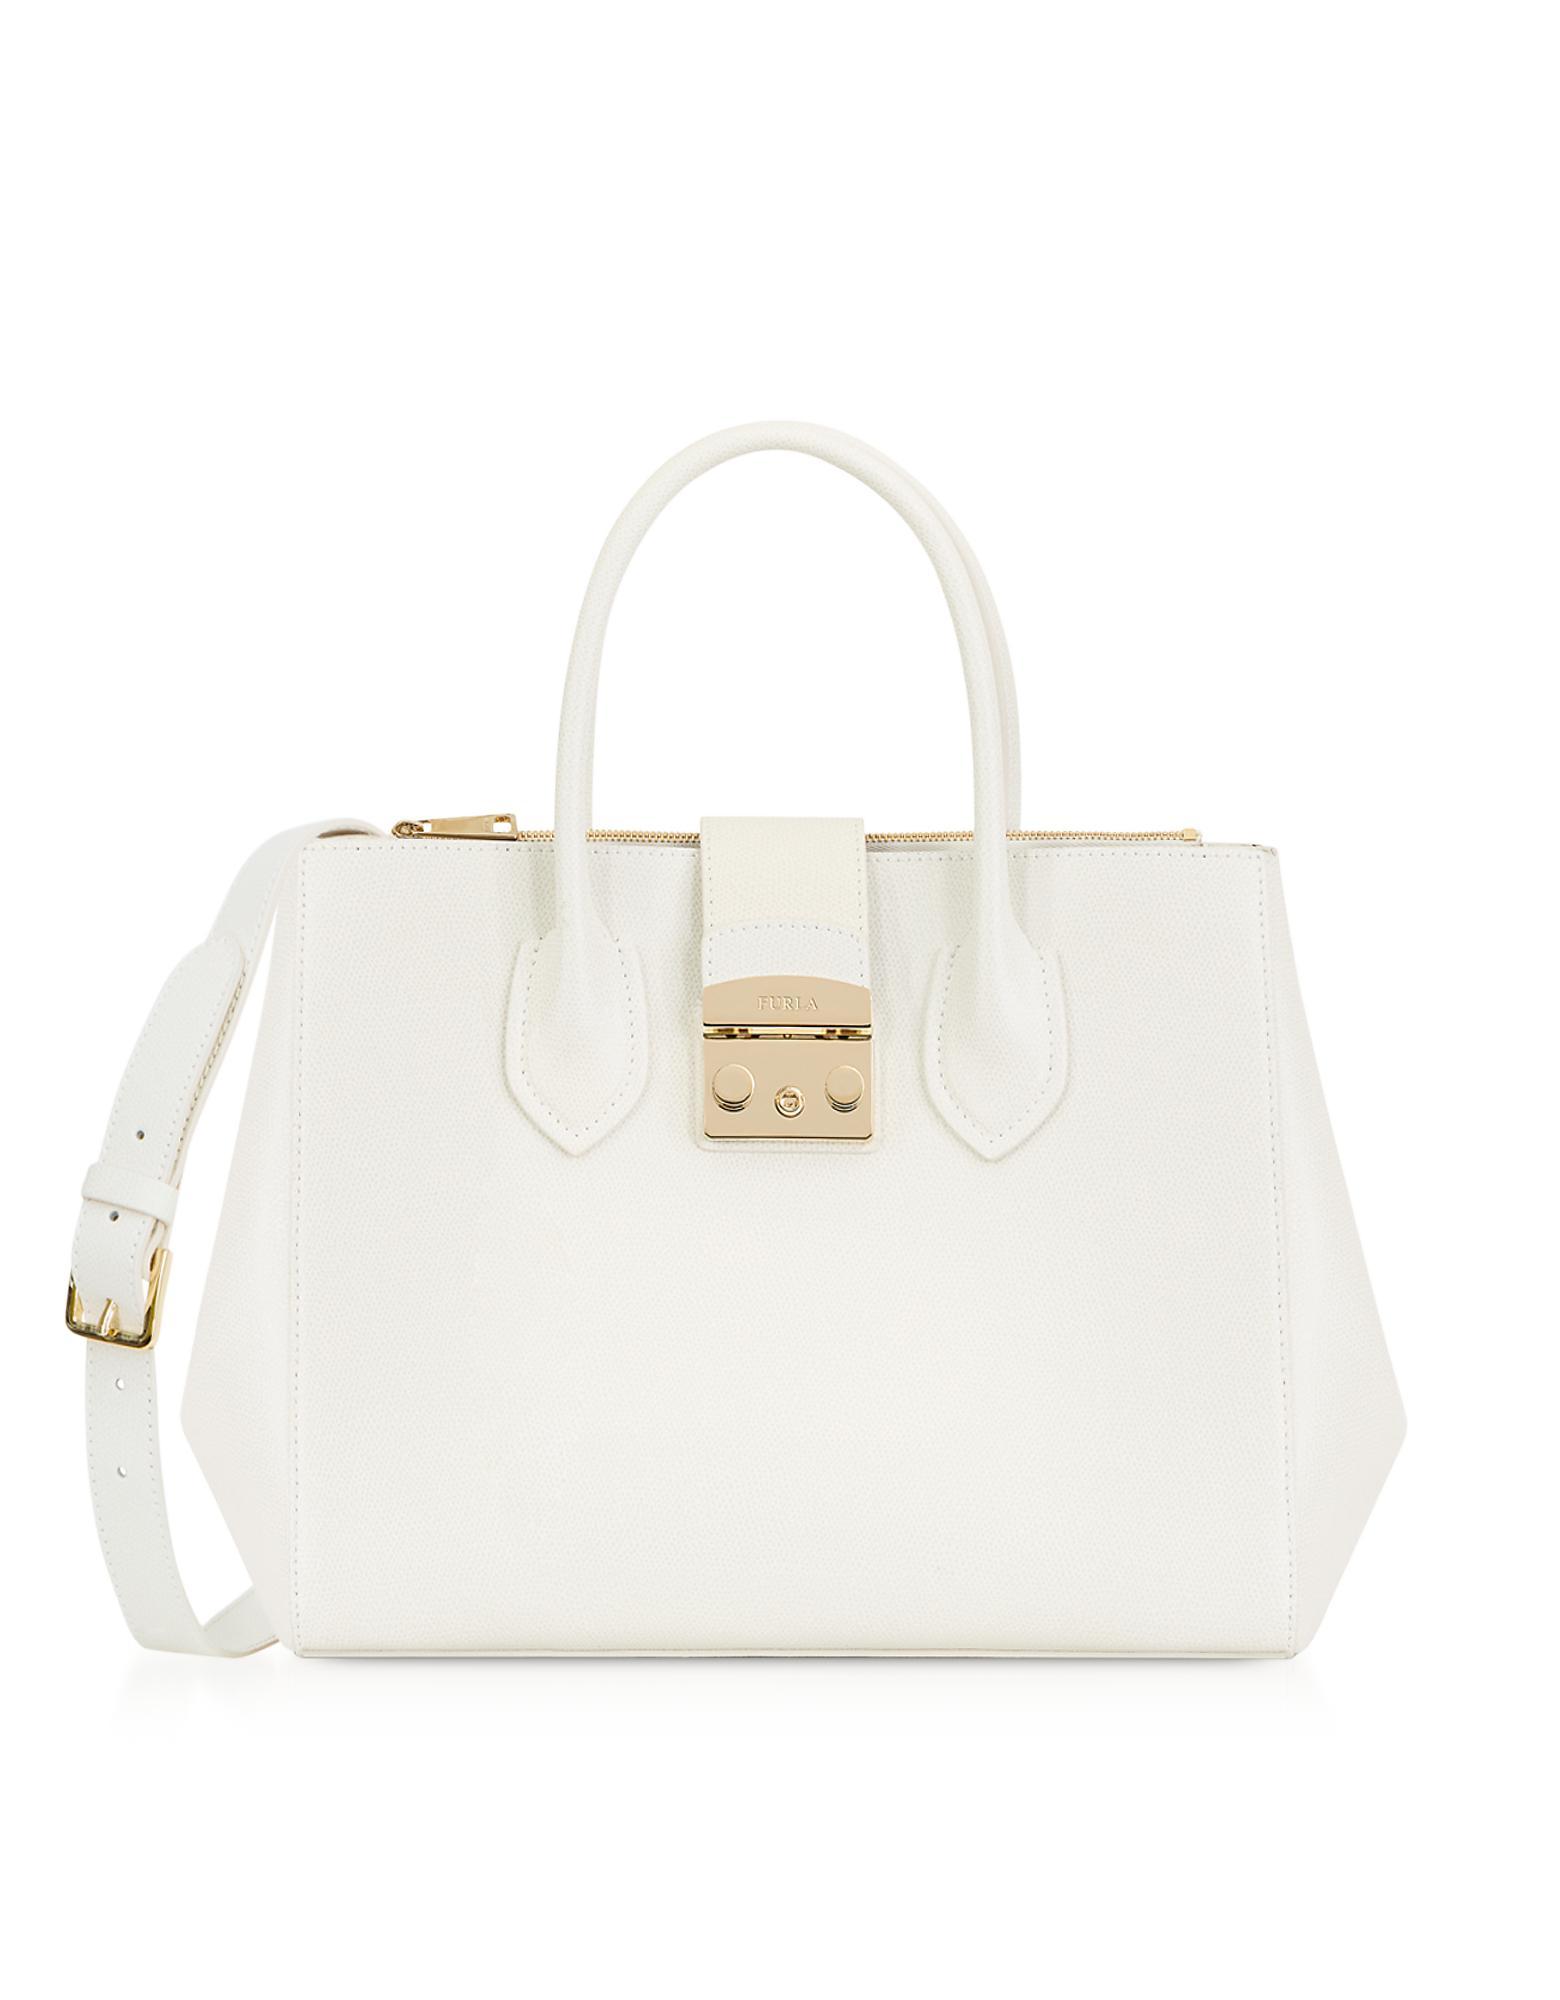 867fa4ef6e Lyst - Furla Petalo Leather Metropolis Medium Tote Bag in White